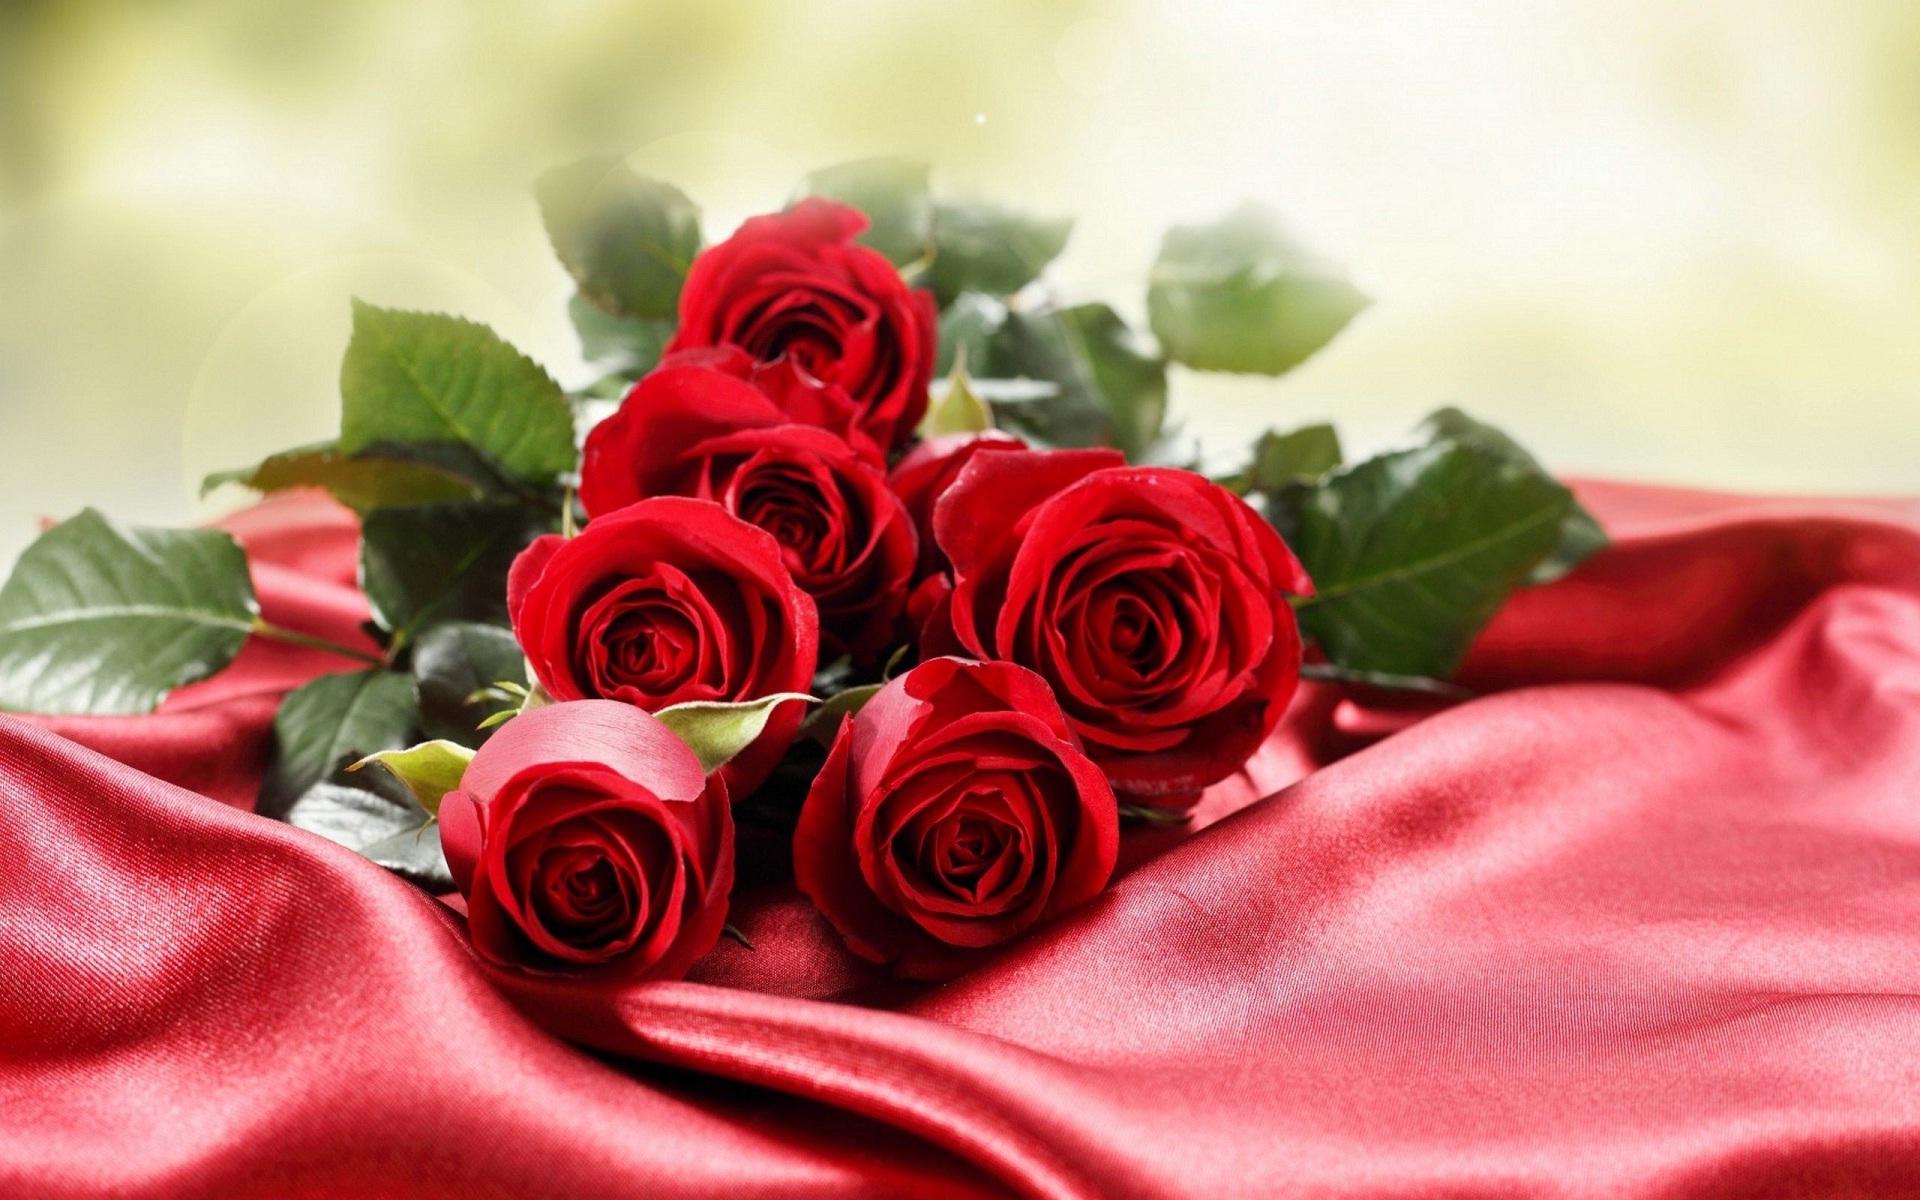 بالصور ورود جميلة , اجمل صور الورود فى العالم 500